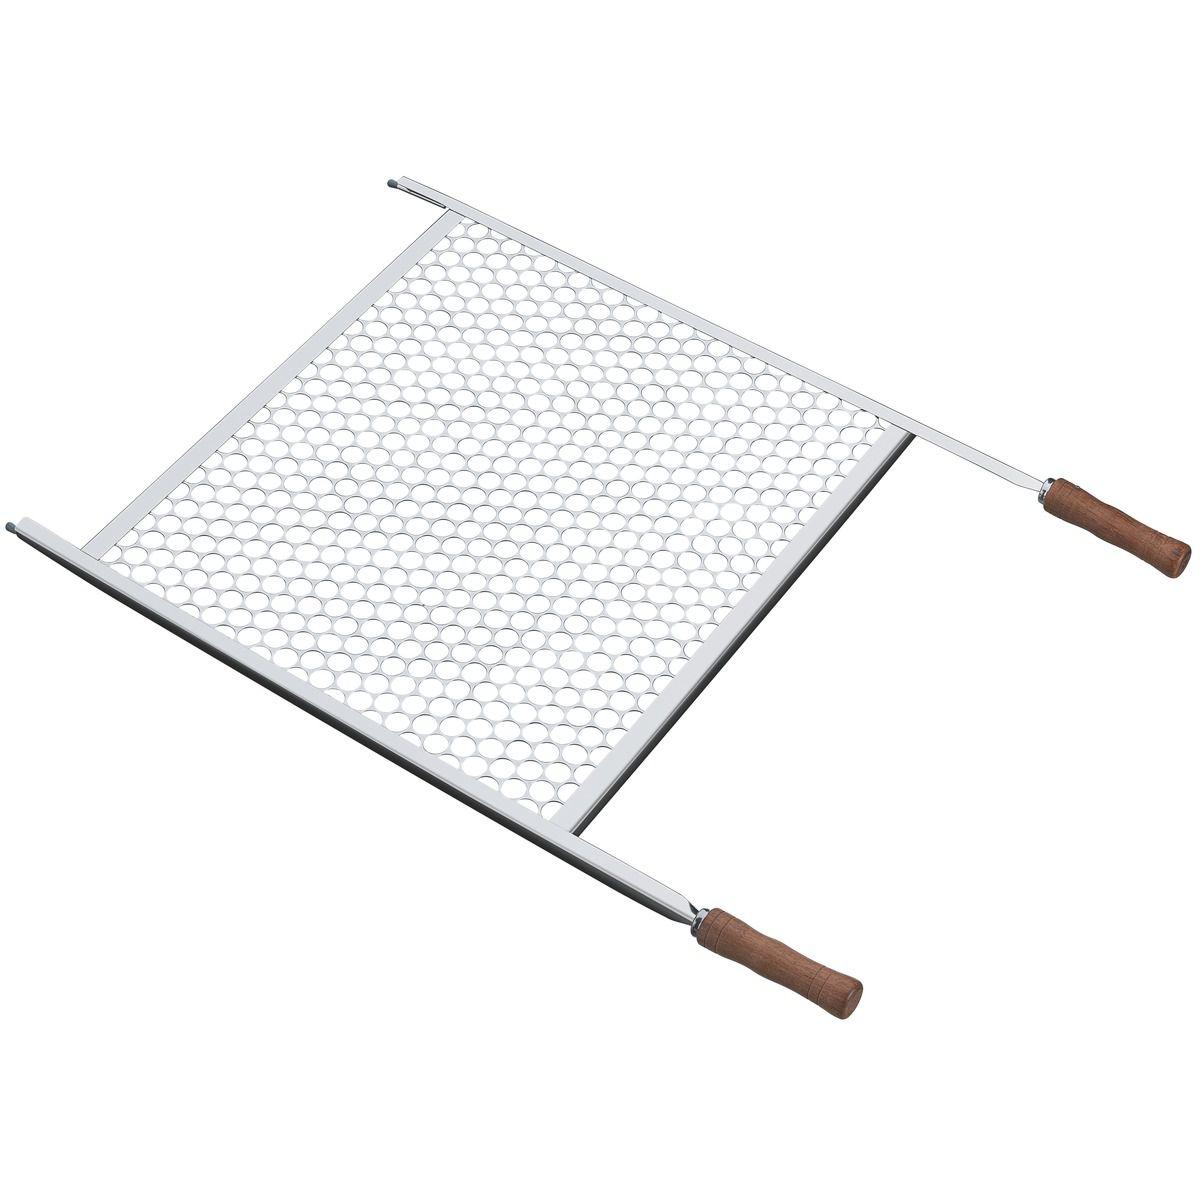 Grelha de aço inox 26490/002 | Lojas Estrela